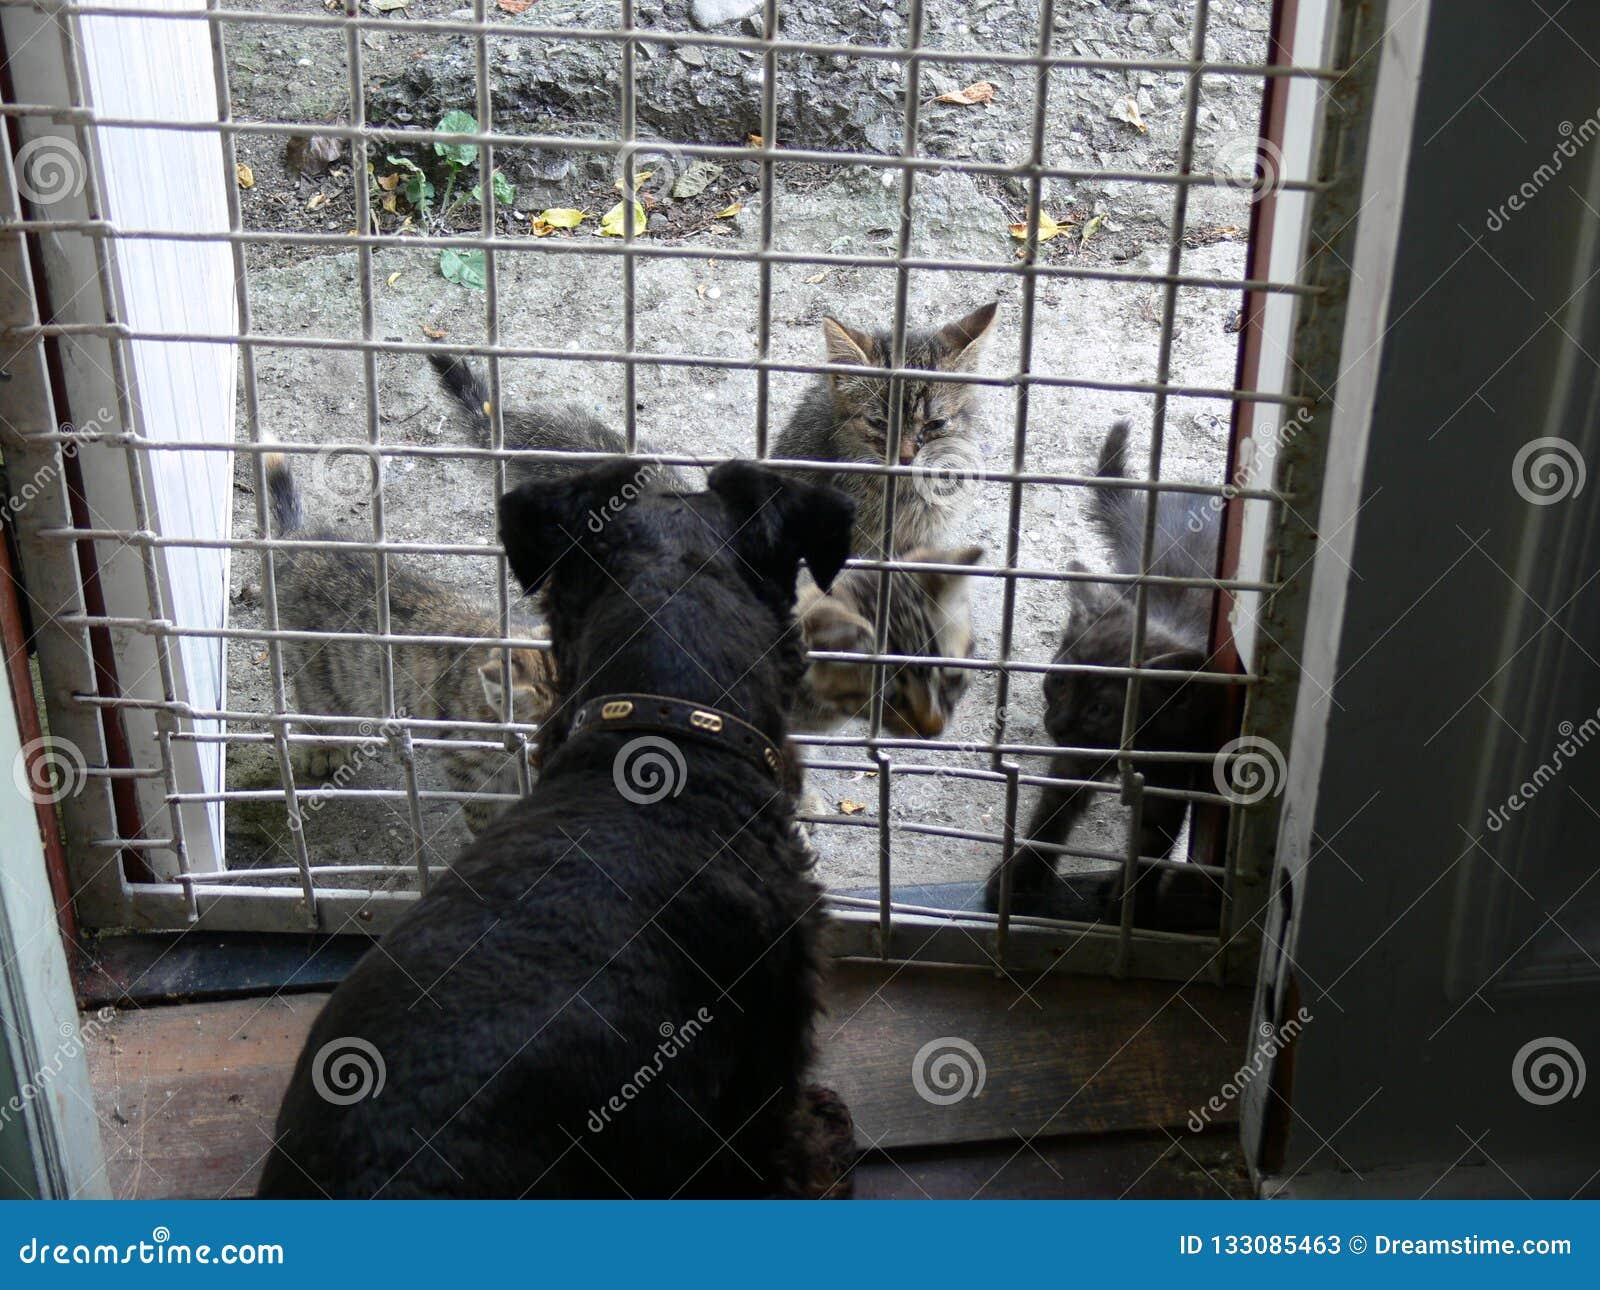 Koty przychodzili odwiedzać psa